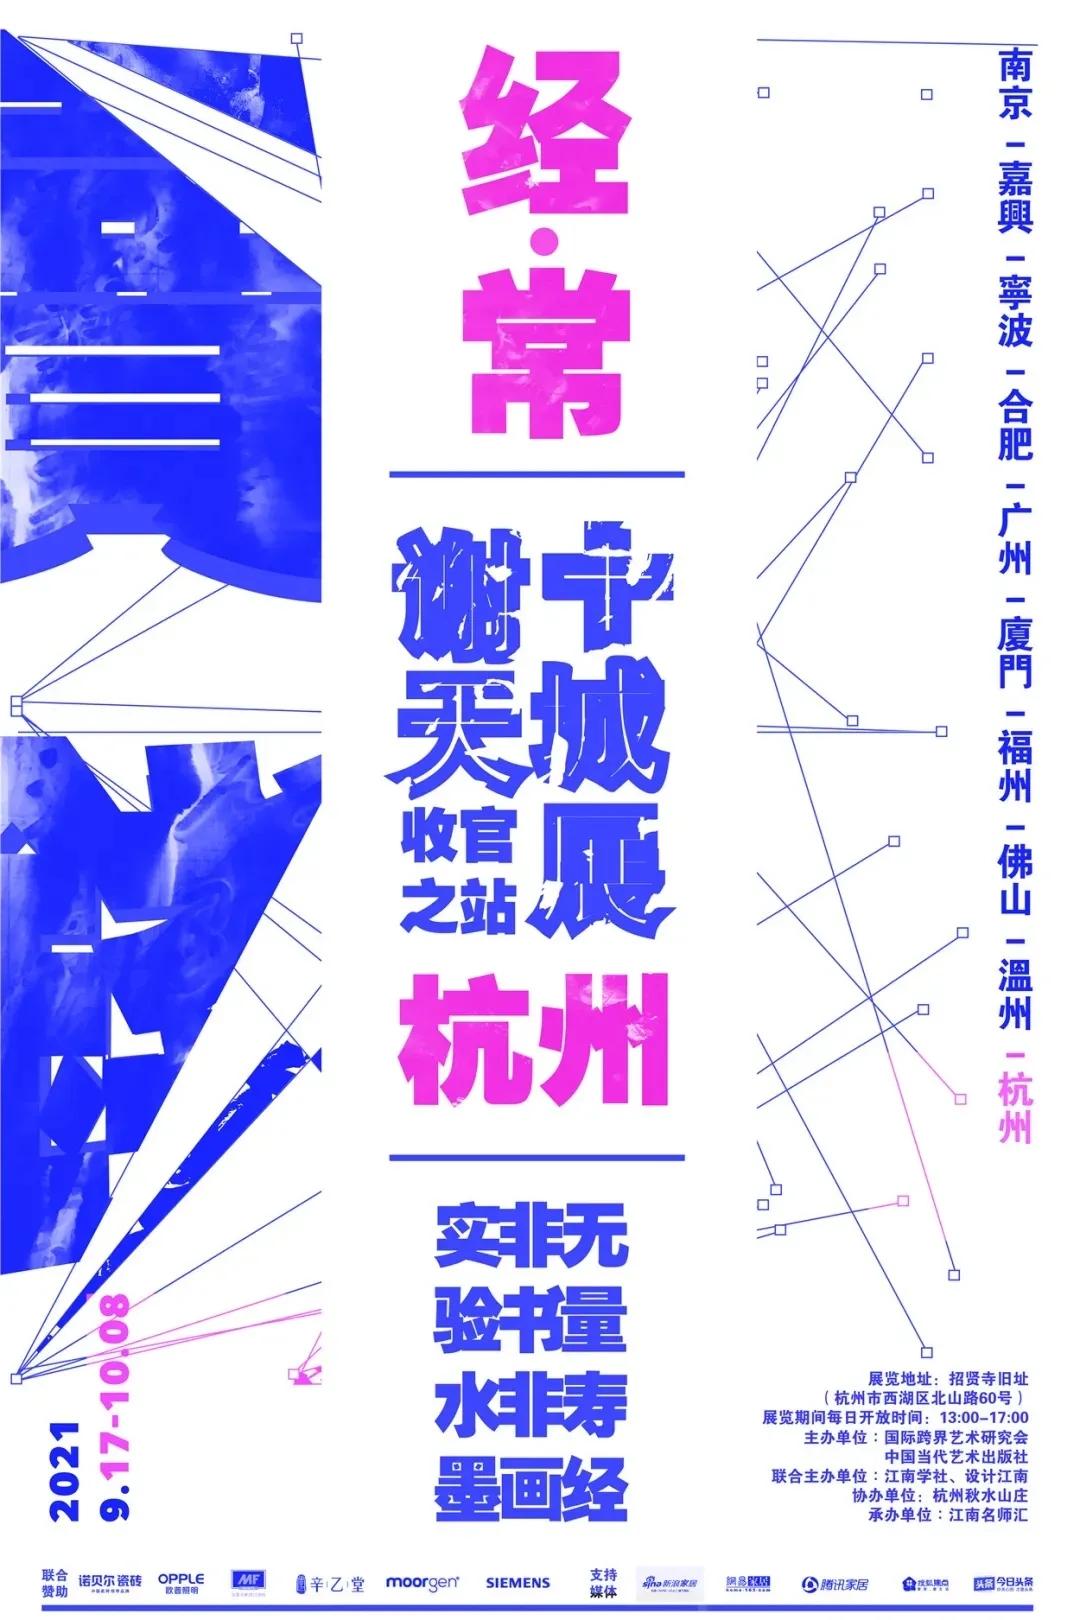 """展覽推薦丨""""經·?!敝x天十城展收官之戰——杭州"""